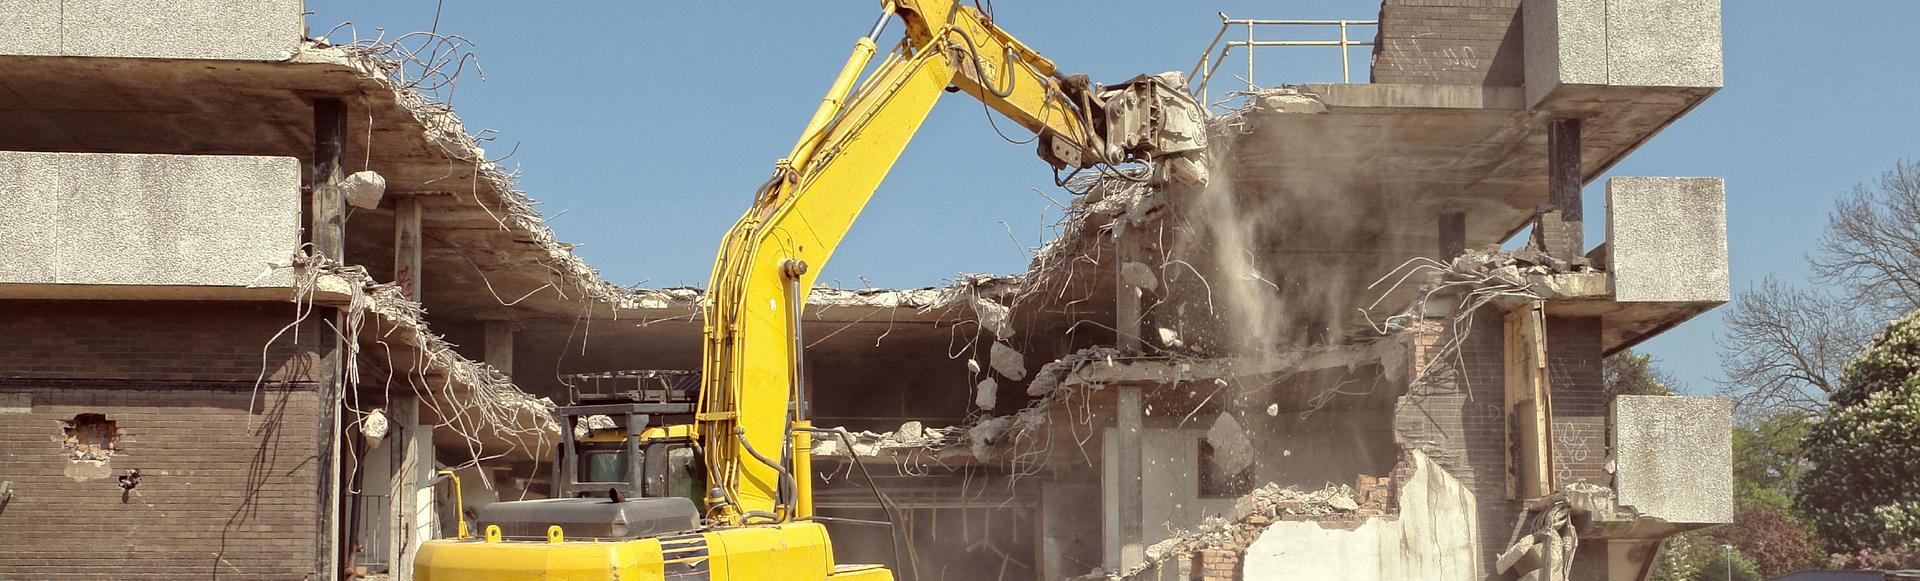 Зачем сносить здания